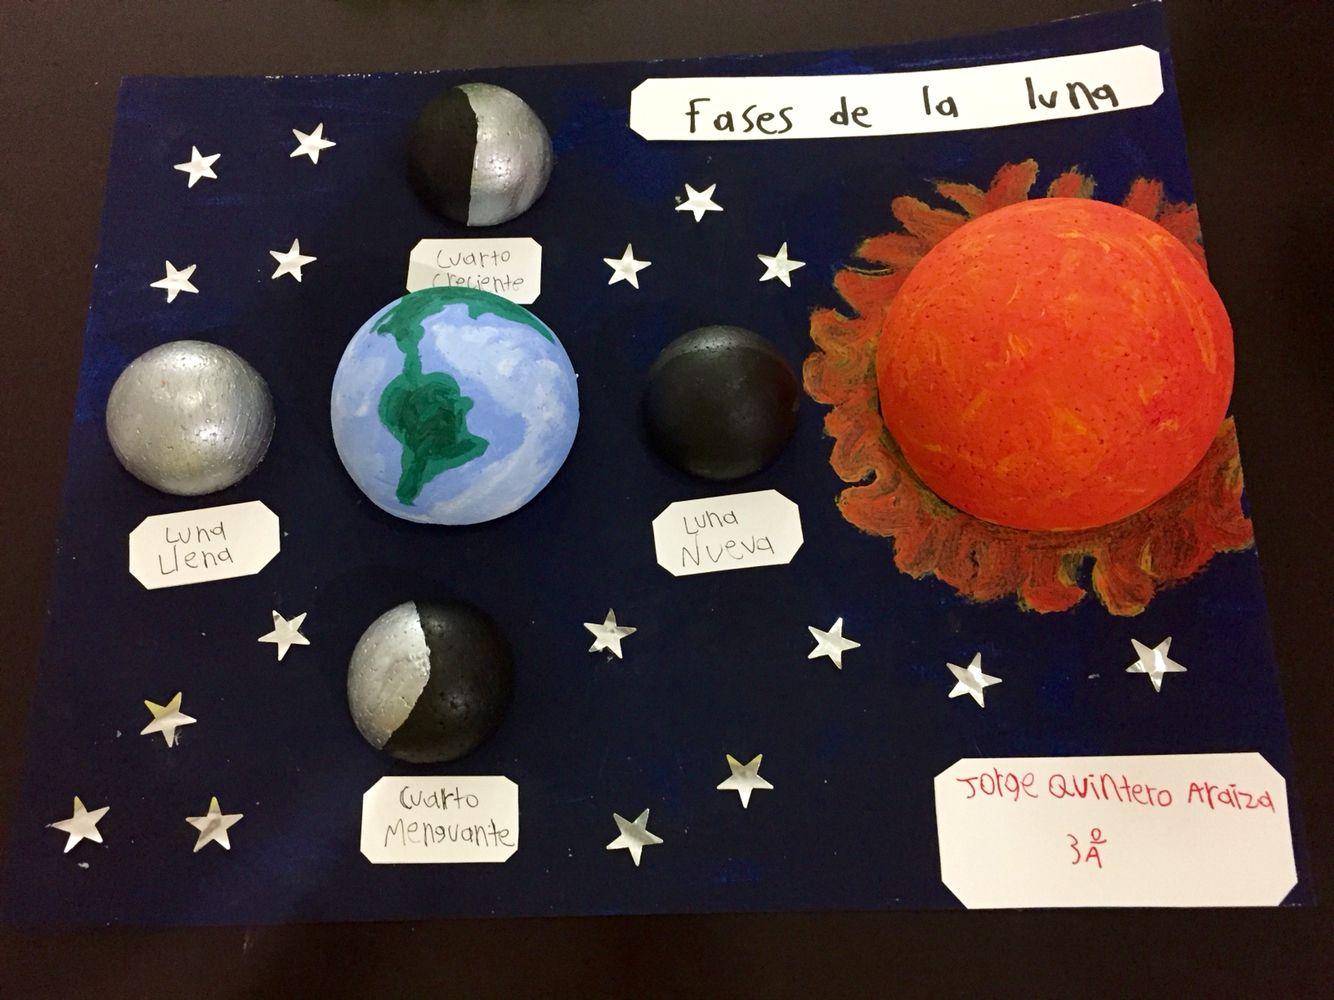 Maqueta Fases de la Luna | Maquetas para niños, Fases de la luna ...